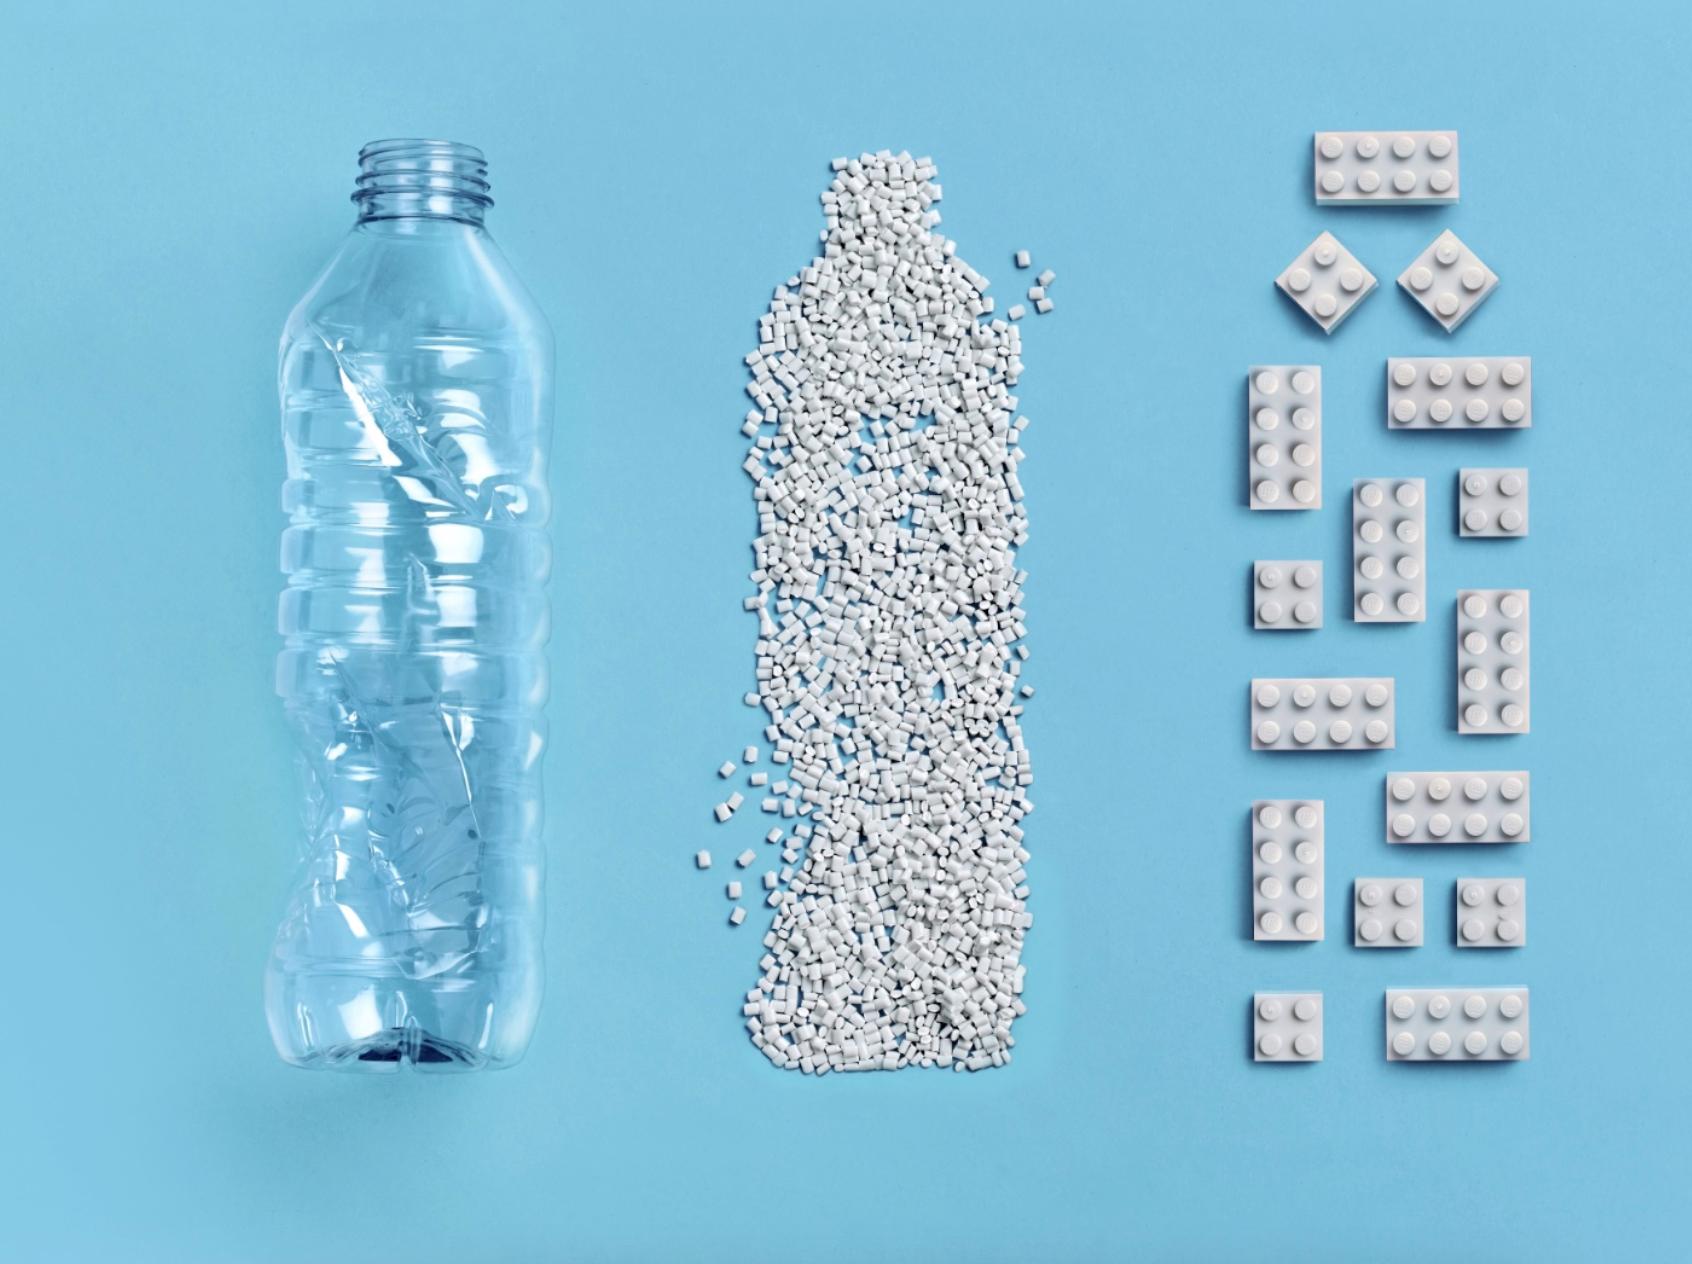 LEGO создала кубики из переработанных пластиковых бутылок